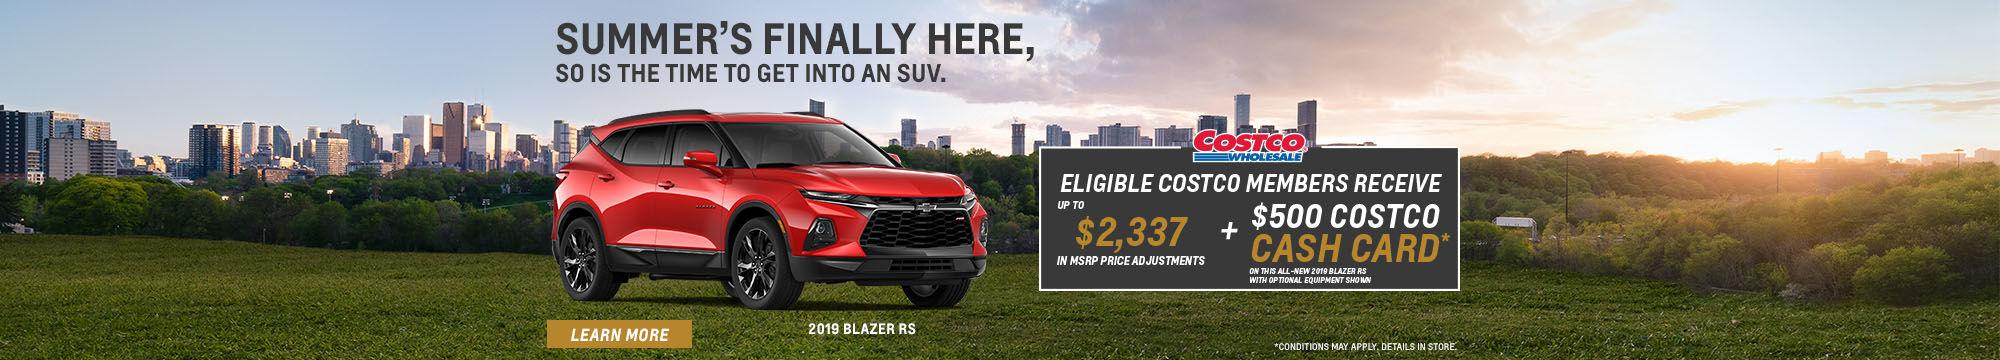 Costco - Preferred pricing Chevrolet Blazer